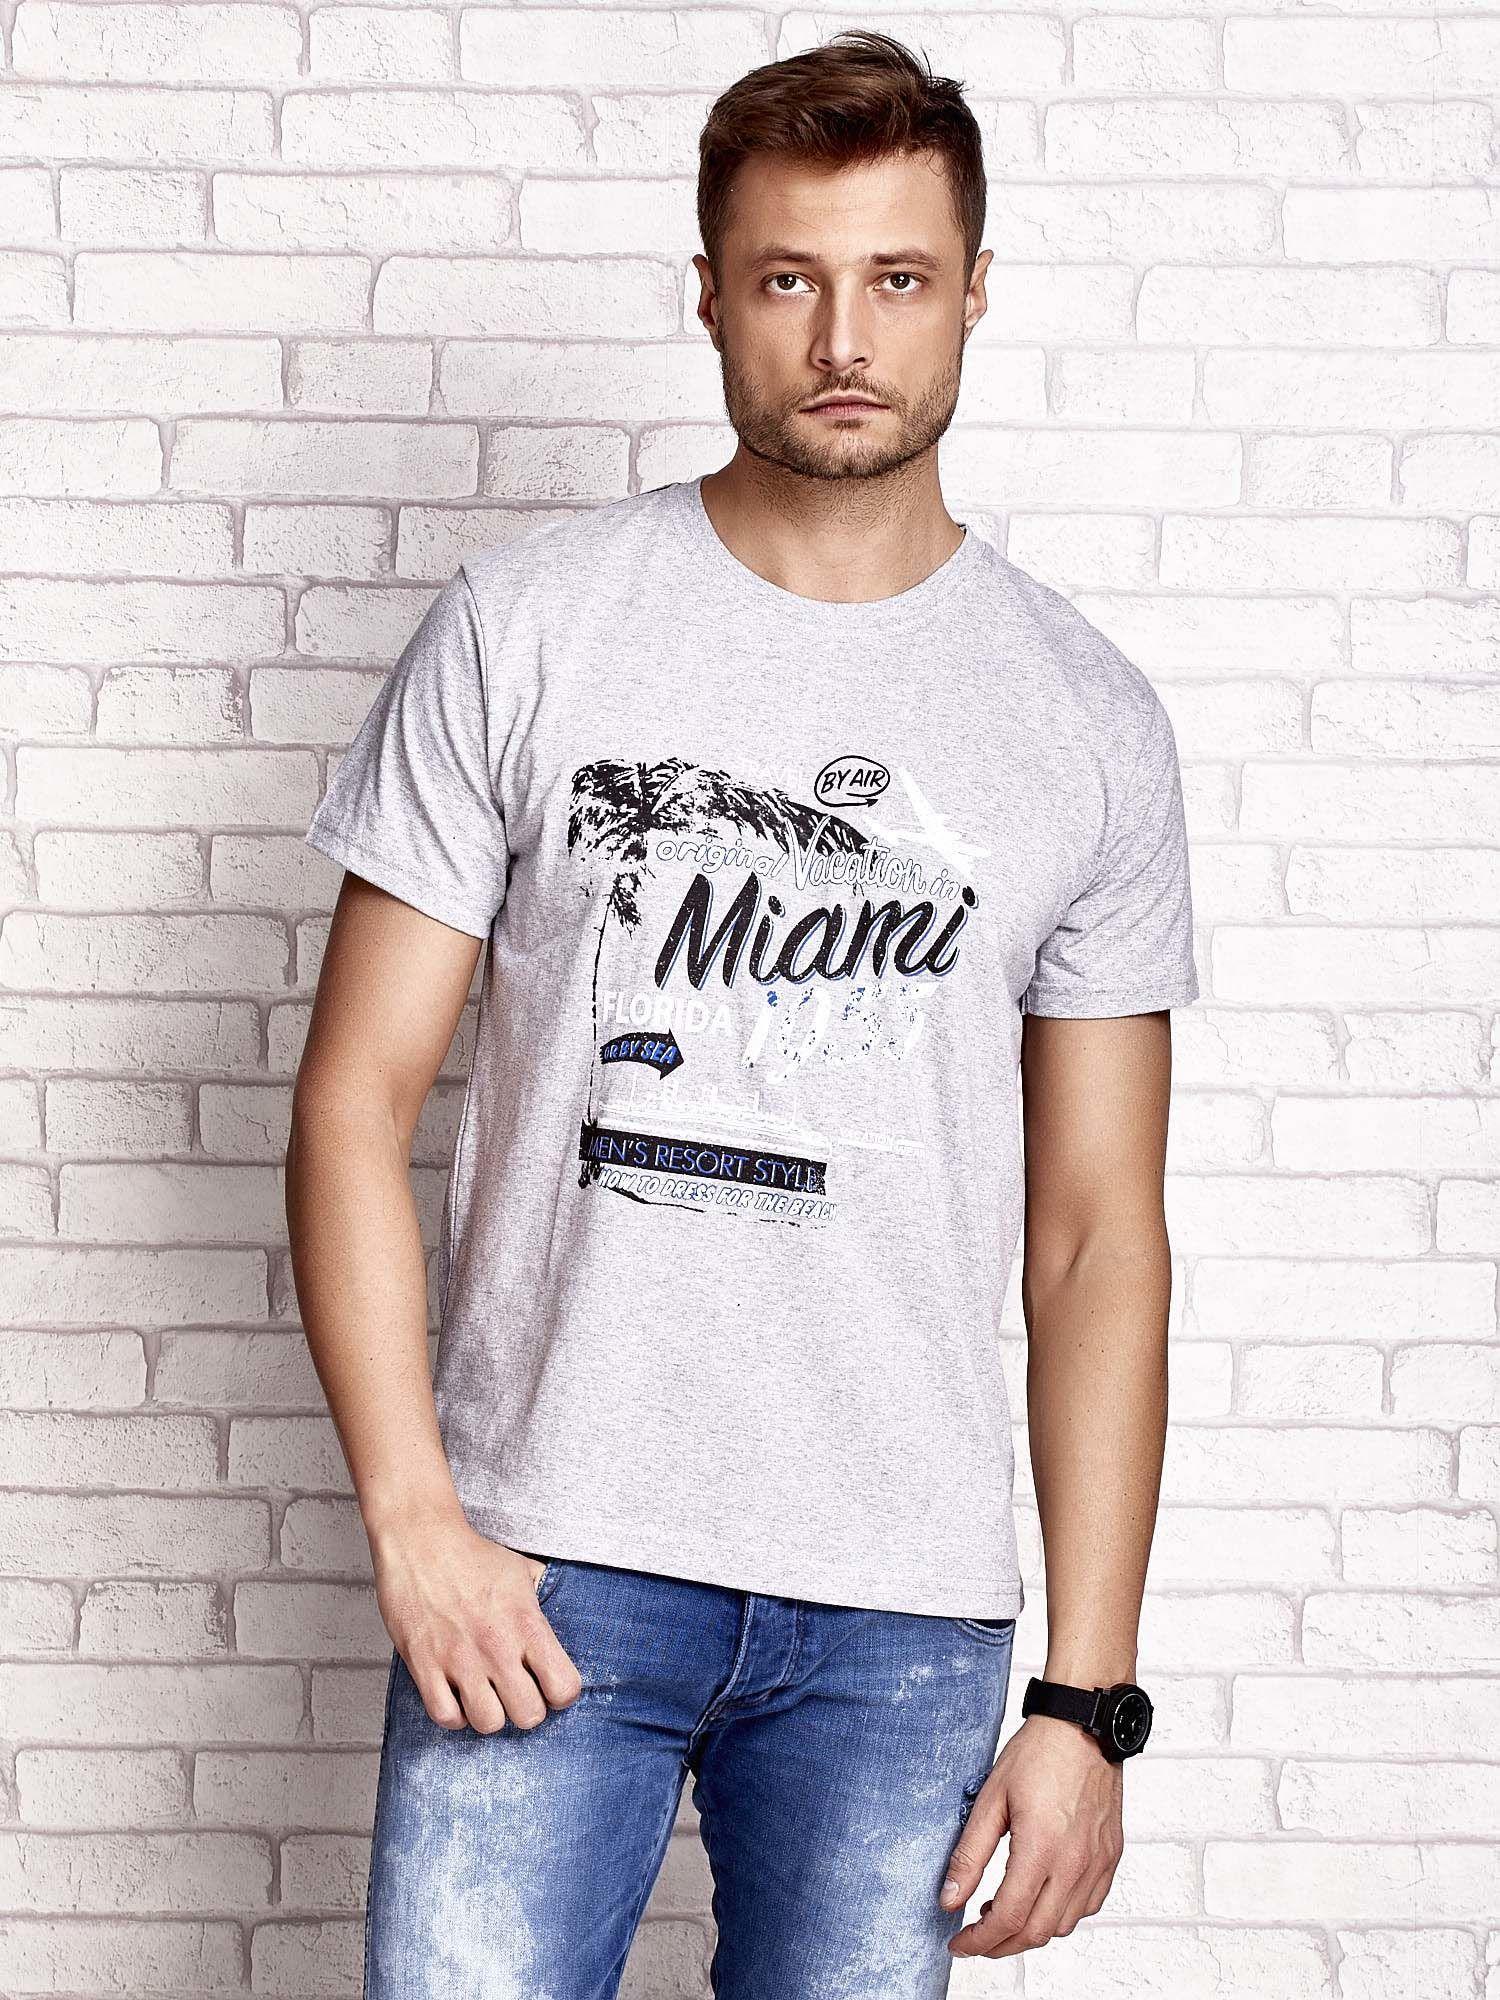 Szary t-shirt męski z nadrukiem napisów MIAMI FLORIDA 1955                                  zdj.                                  2